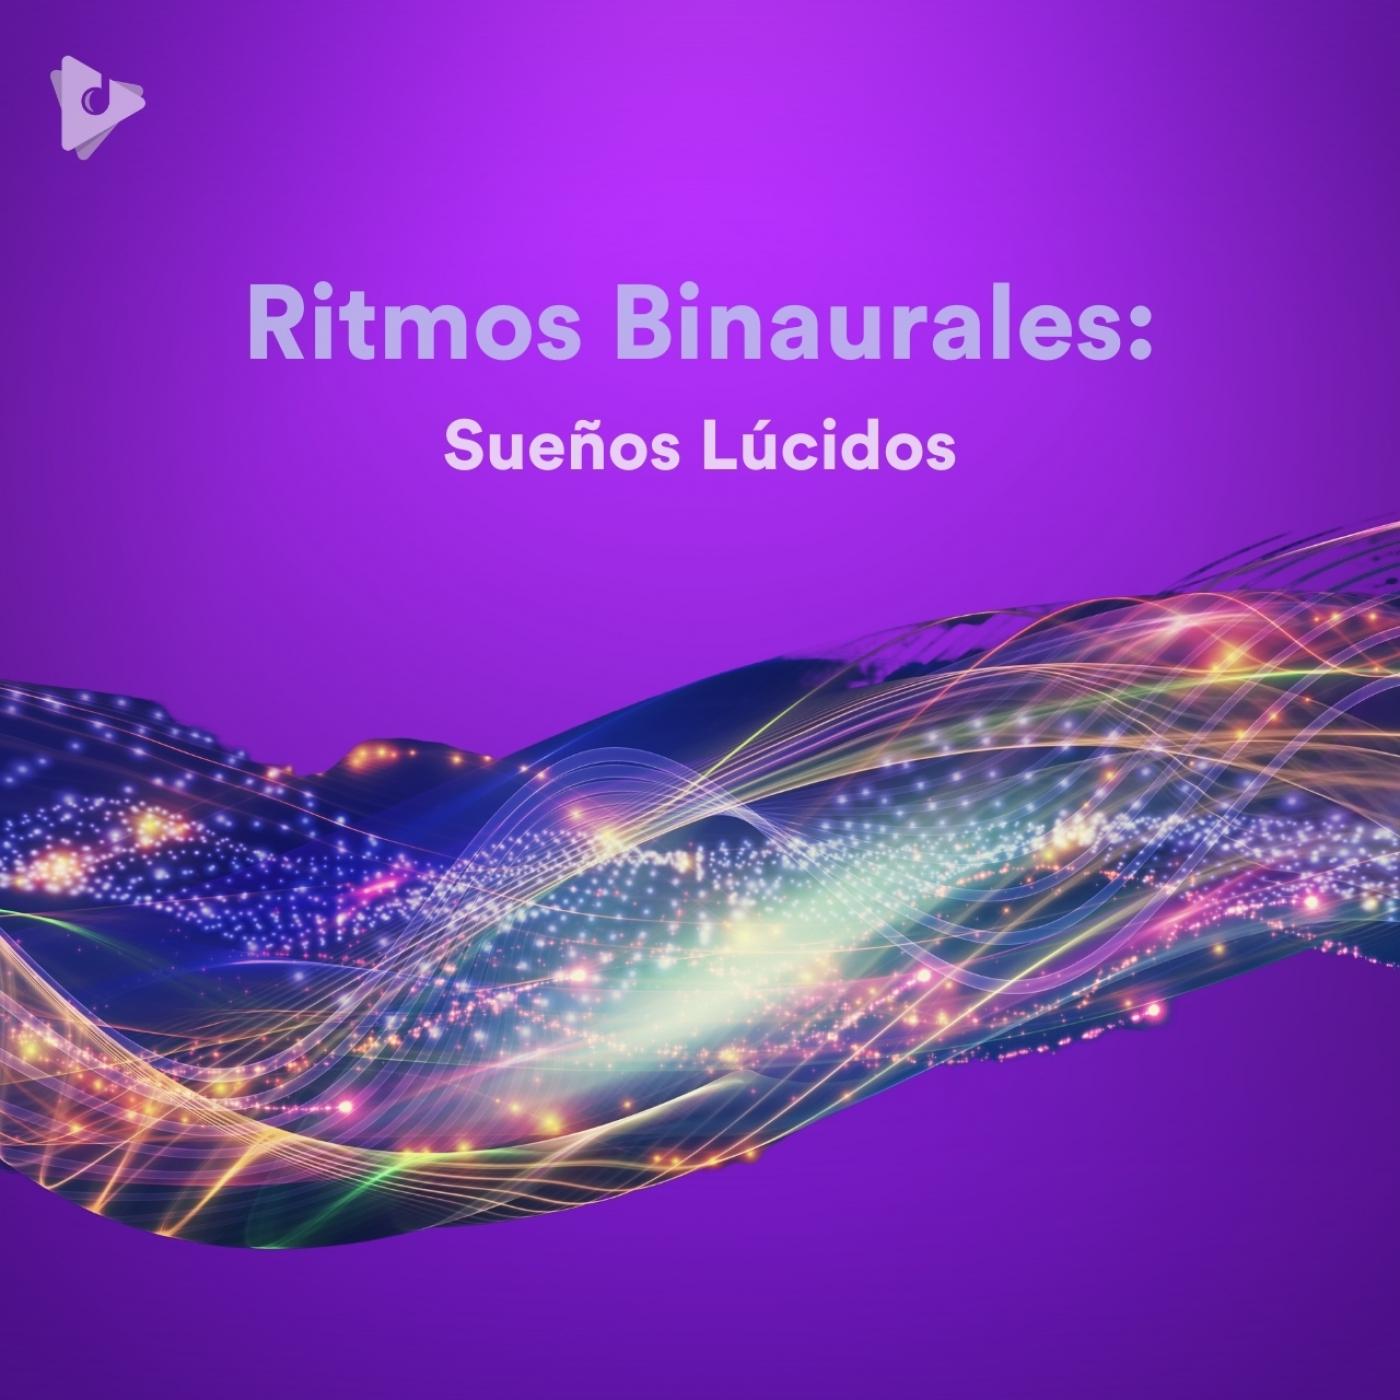 Ritmos Binaurales: Sueños Lúcidos